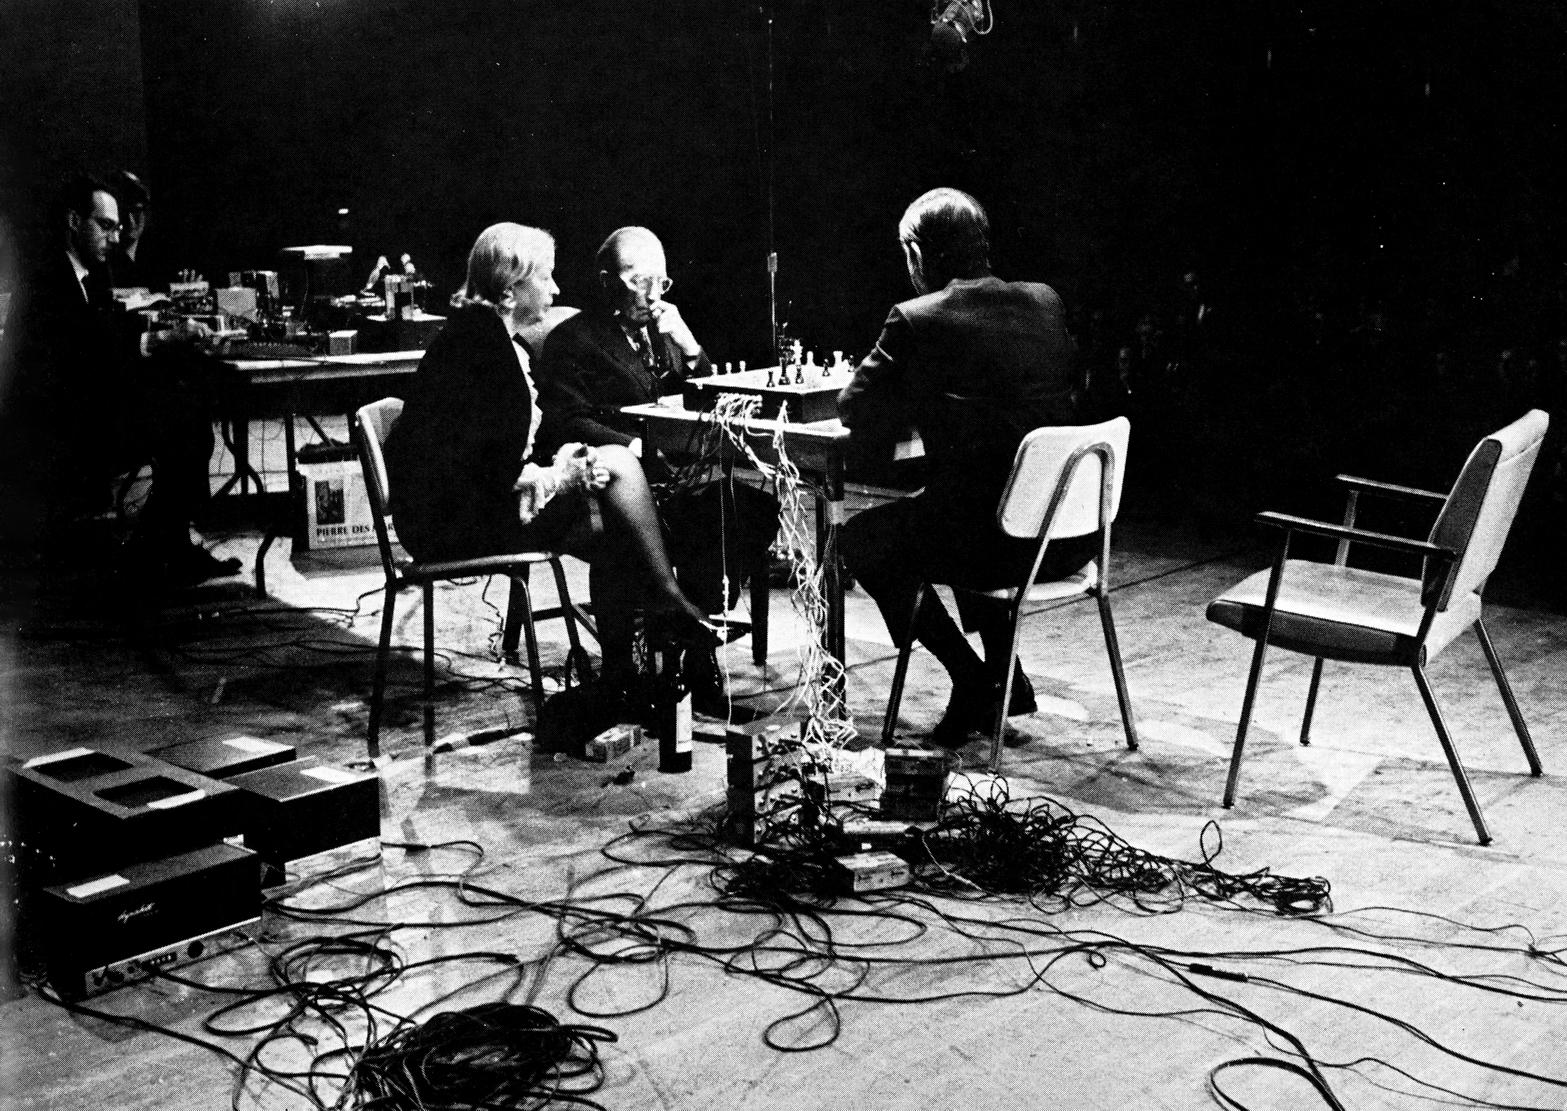 John Cage & Marcel Duchamp - Reunion (1968) {LP Takeyoshi Miyazawa} (Released on VINYL but not CD)